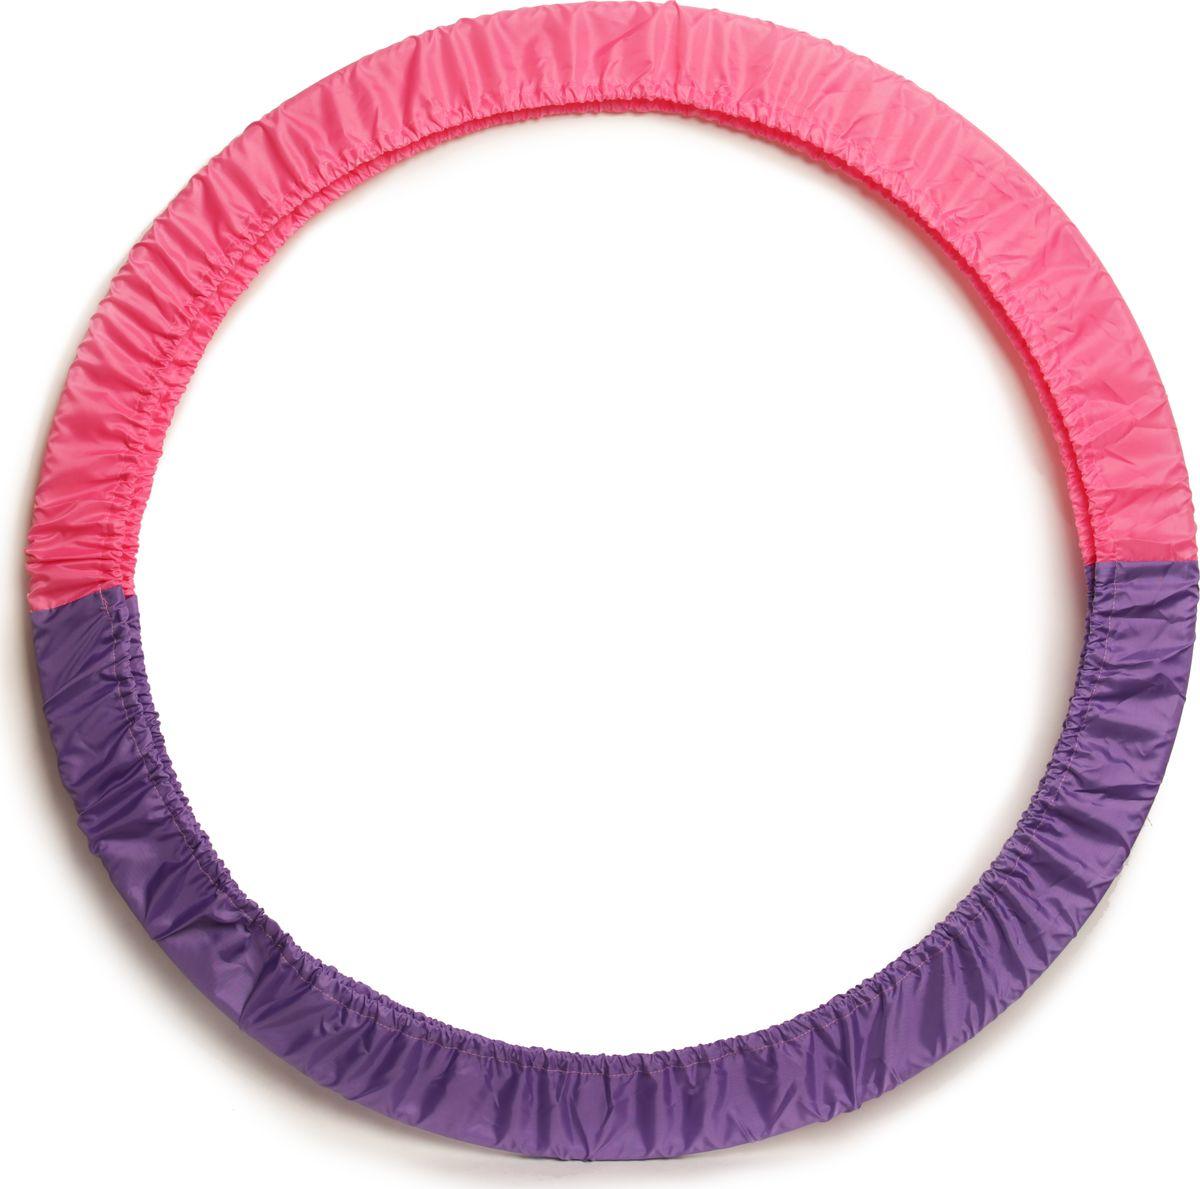 Чехол для обруча Indigo, цвет: фиолетово-розовый, диаметр 60 х 90 см сумка чехол для обруча indigo цвет салатовый диаметр 60 х 90 см